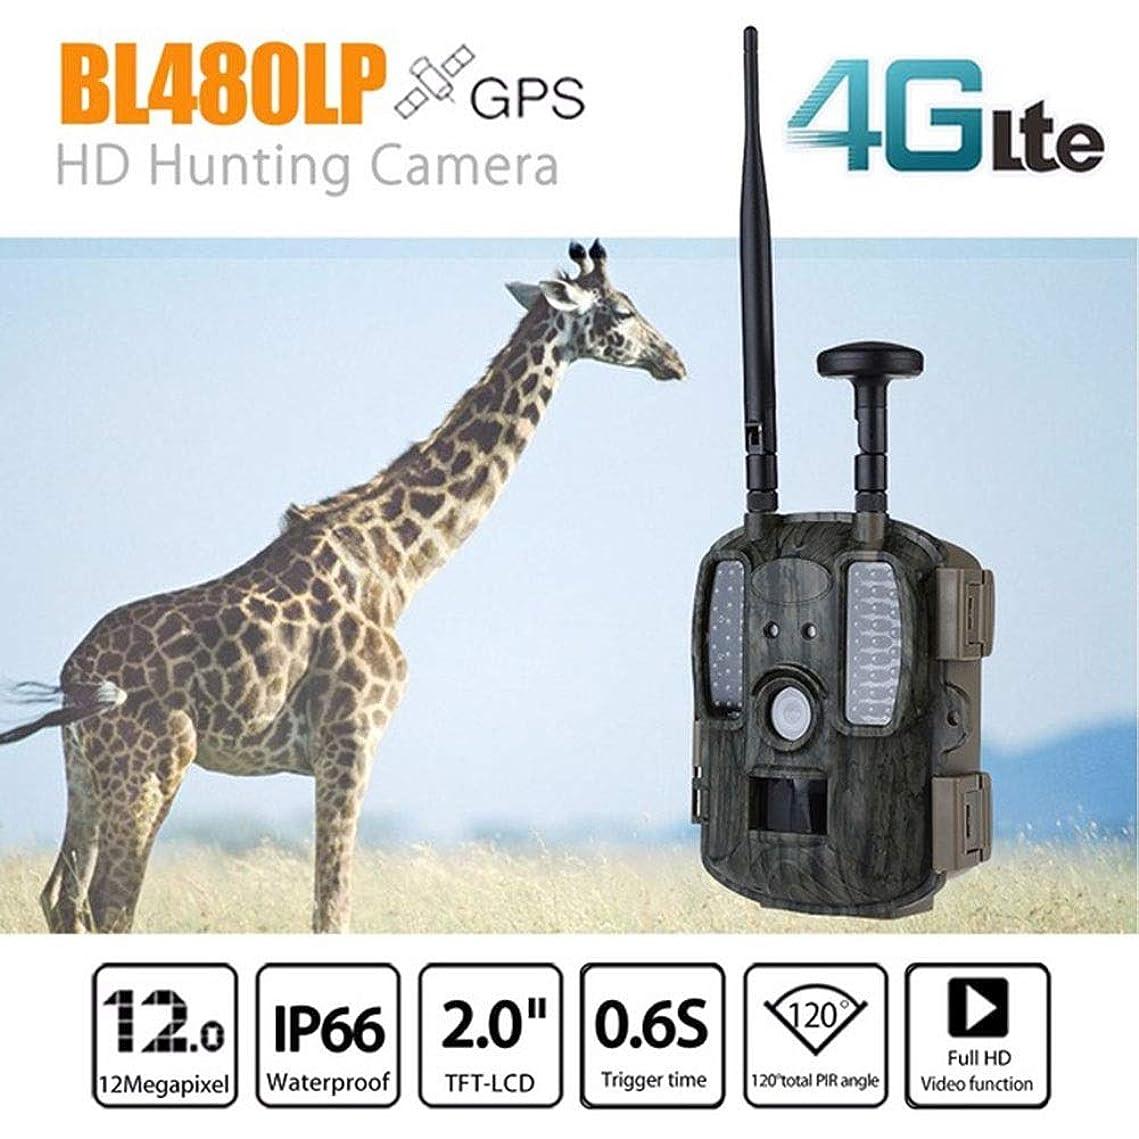 アダルト未使用ヒットMC.PIG トレイルカメラ ? 4G LTE Cellular&GPS狩猟用カメラトレイルカム、野生動物用カメラ12MP 1080PフルHD狩猟用カメラ、52個IR LED防水赤外線ゲームカム4.0